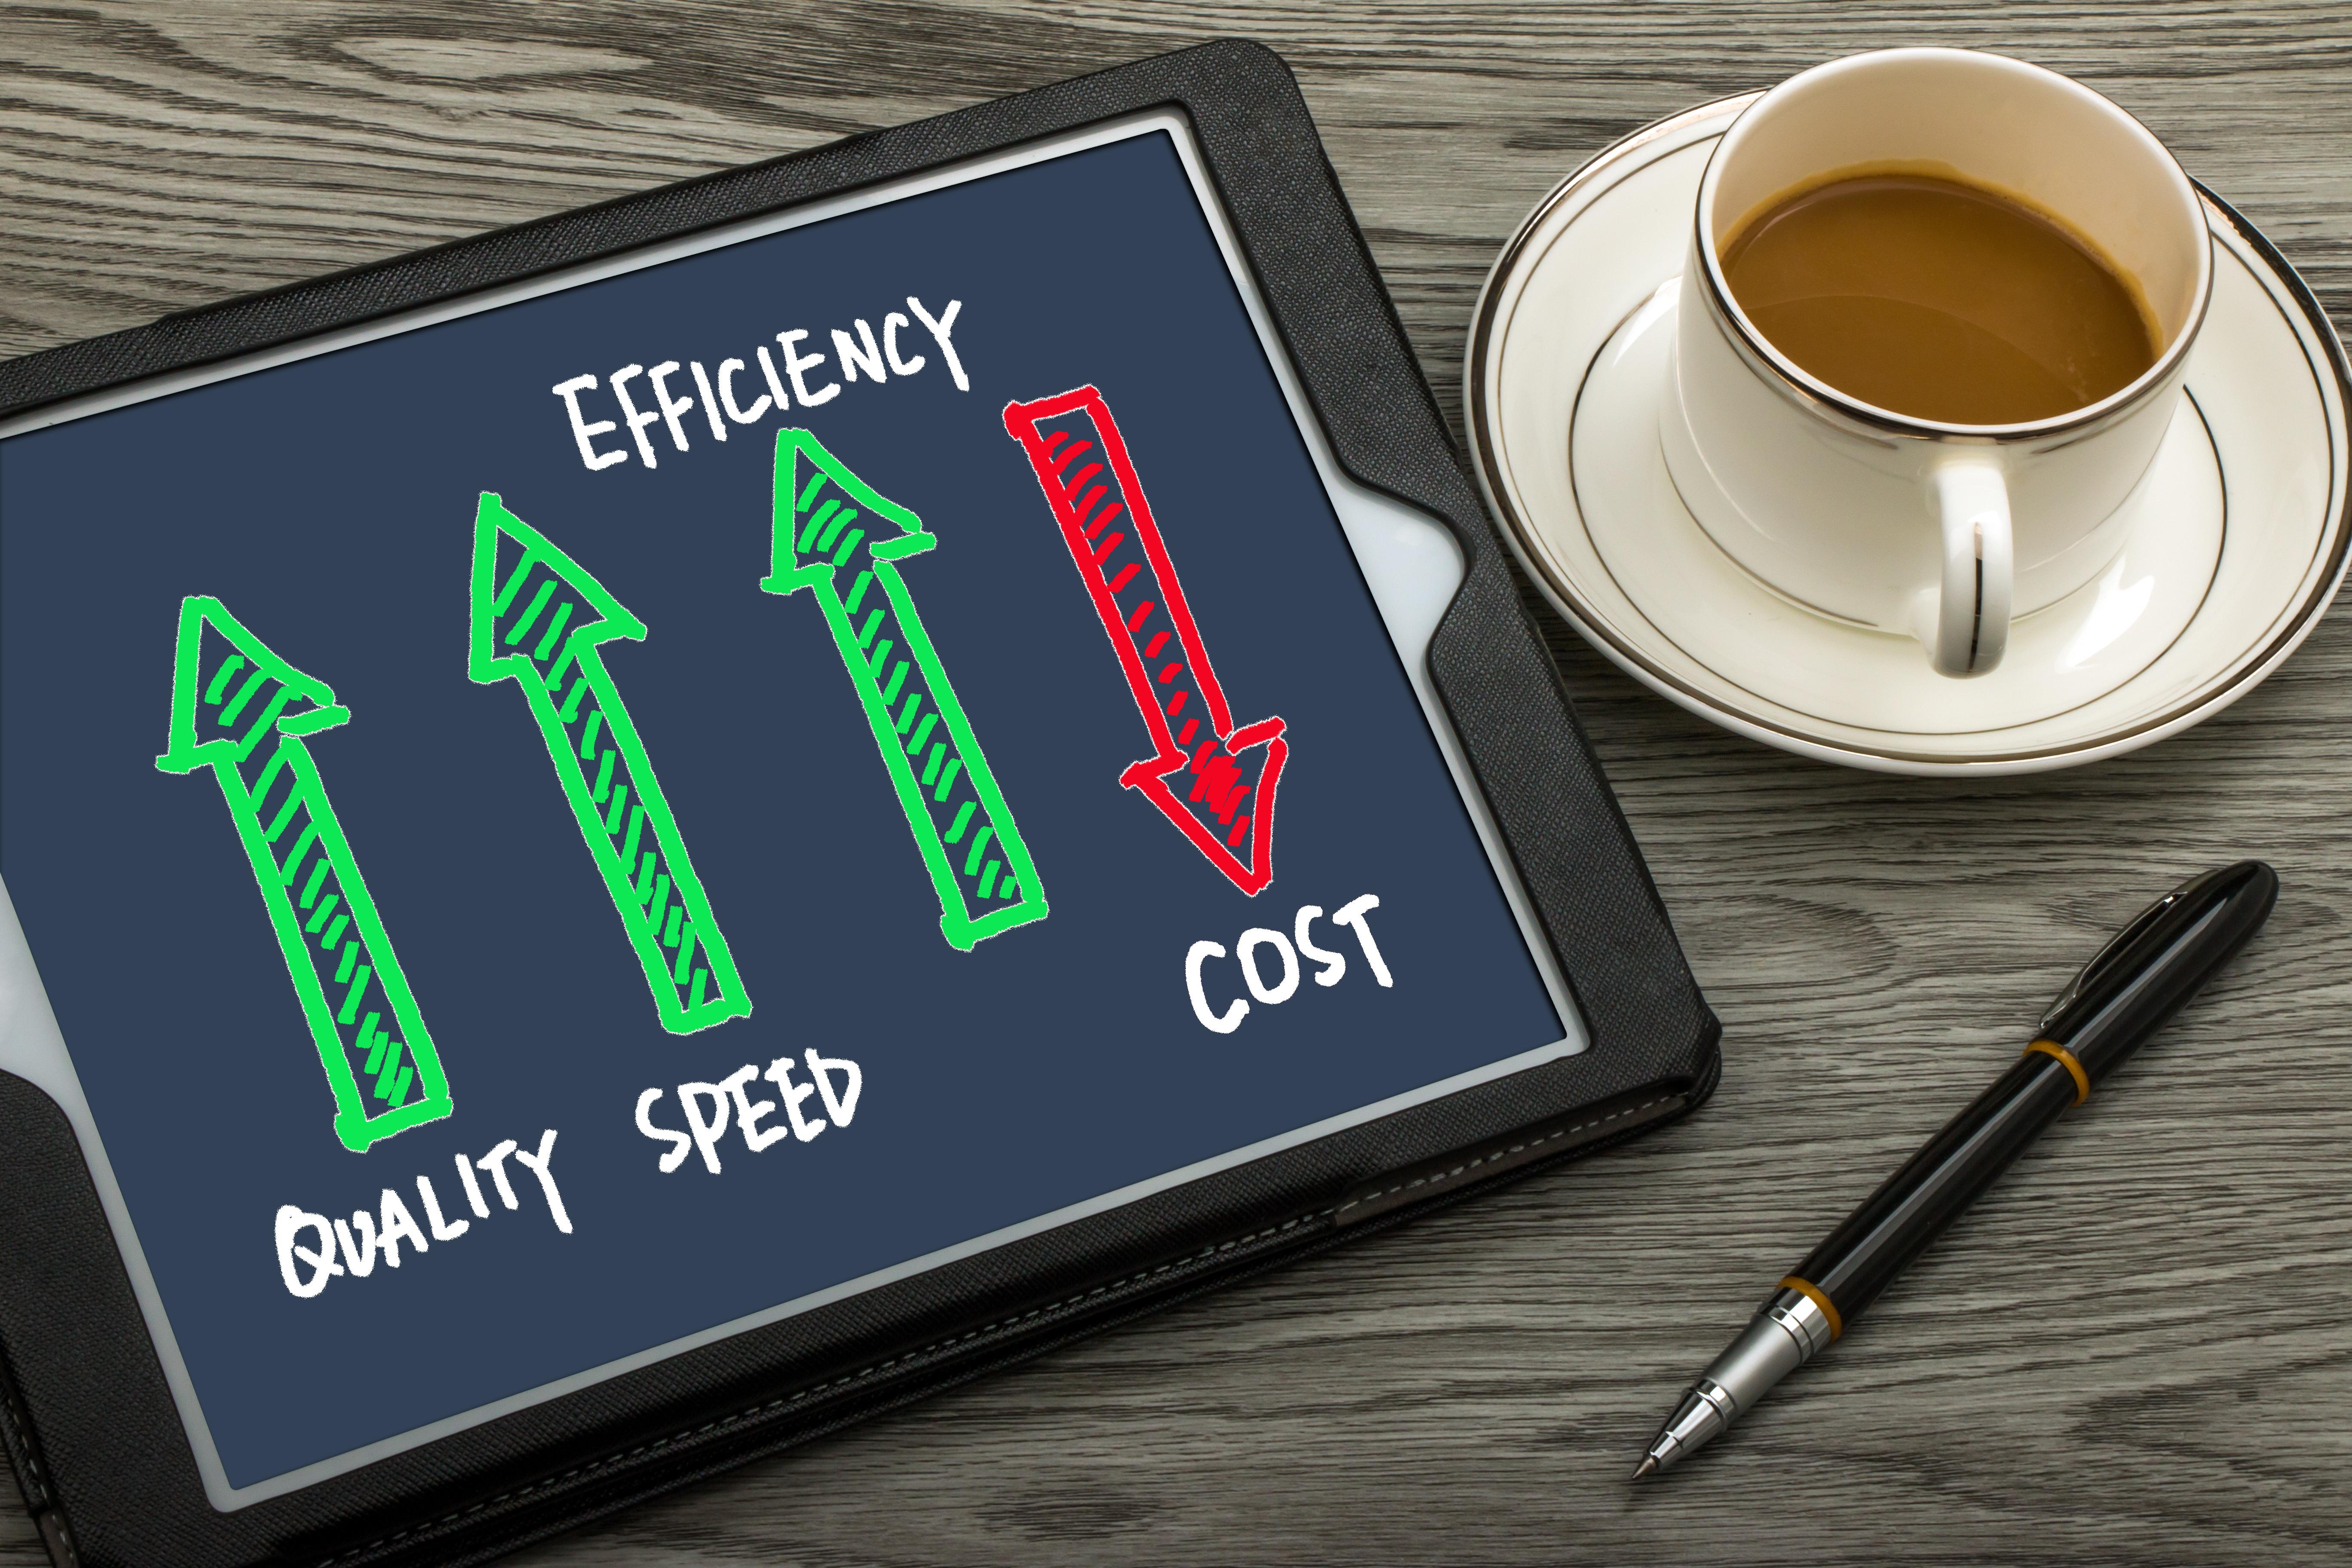 業務改善やコスト削減を実現!デジタルカタログのアプリ化がECやBtoBで進む